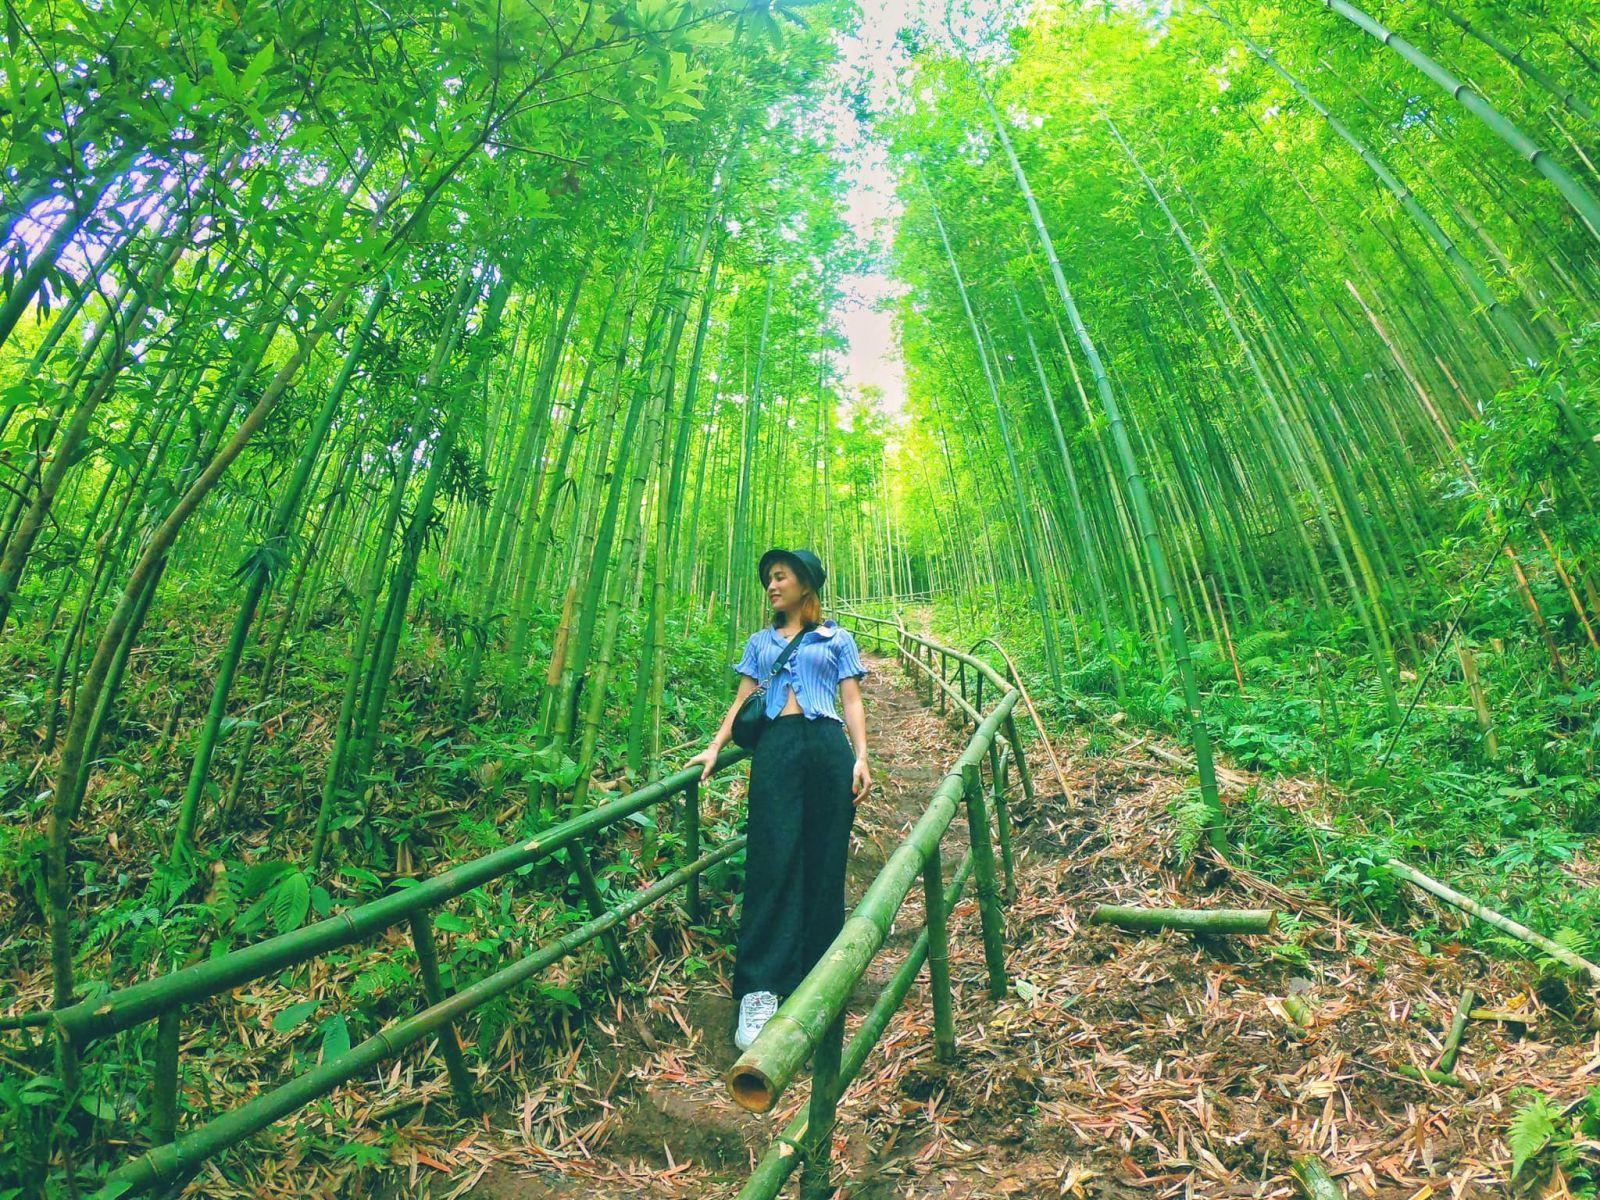 Du khách tham quan rừng trúc bản Nả Háng Tủa Chử xã Púng luông, huyện Mù Cang Chả